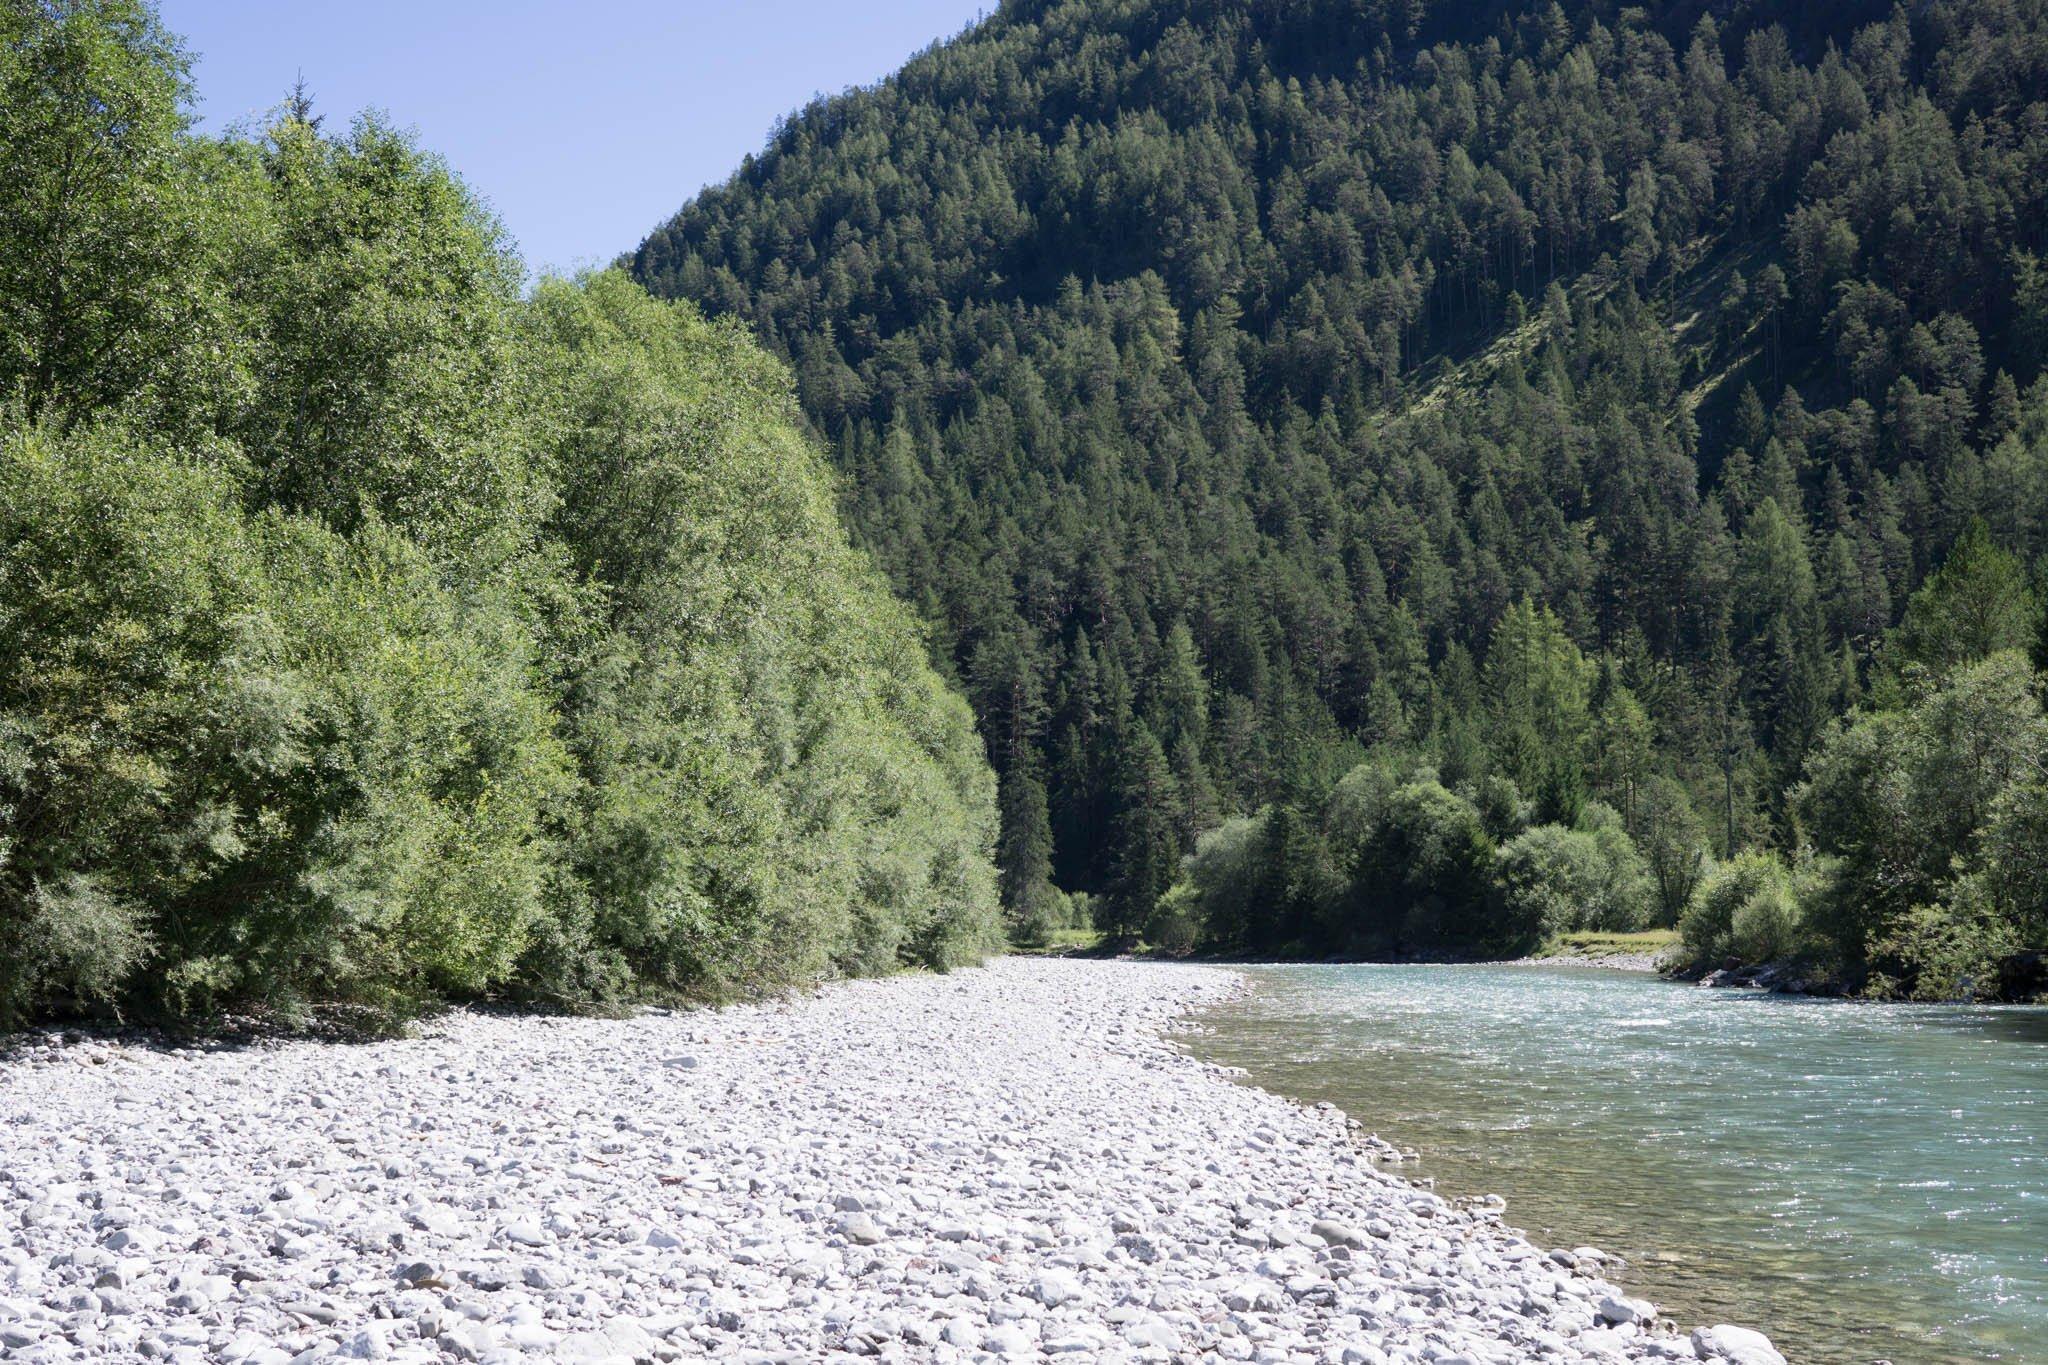 Links Bäume und Schotterbank, rechts Fluss, hinten ein Berg.